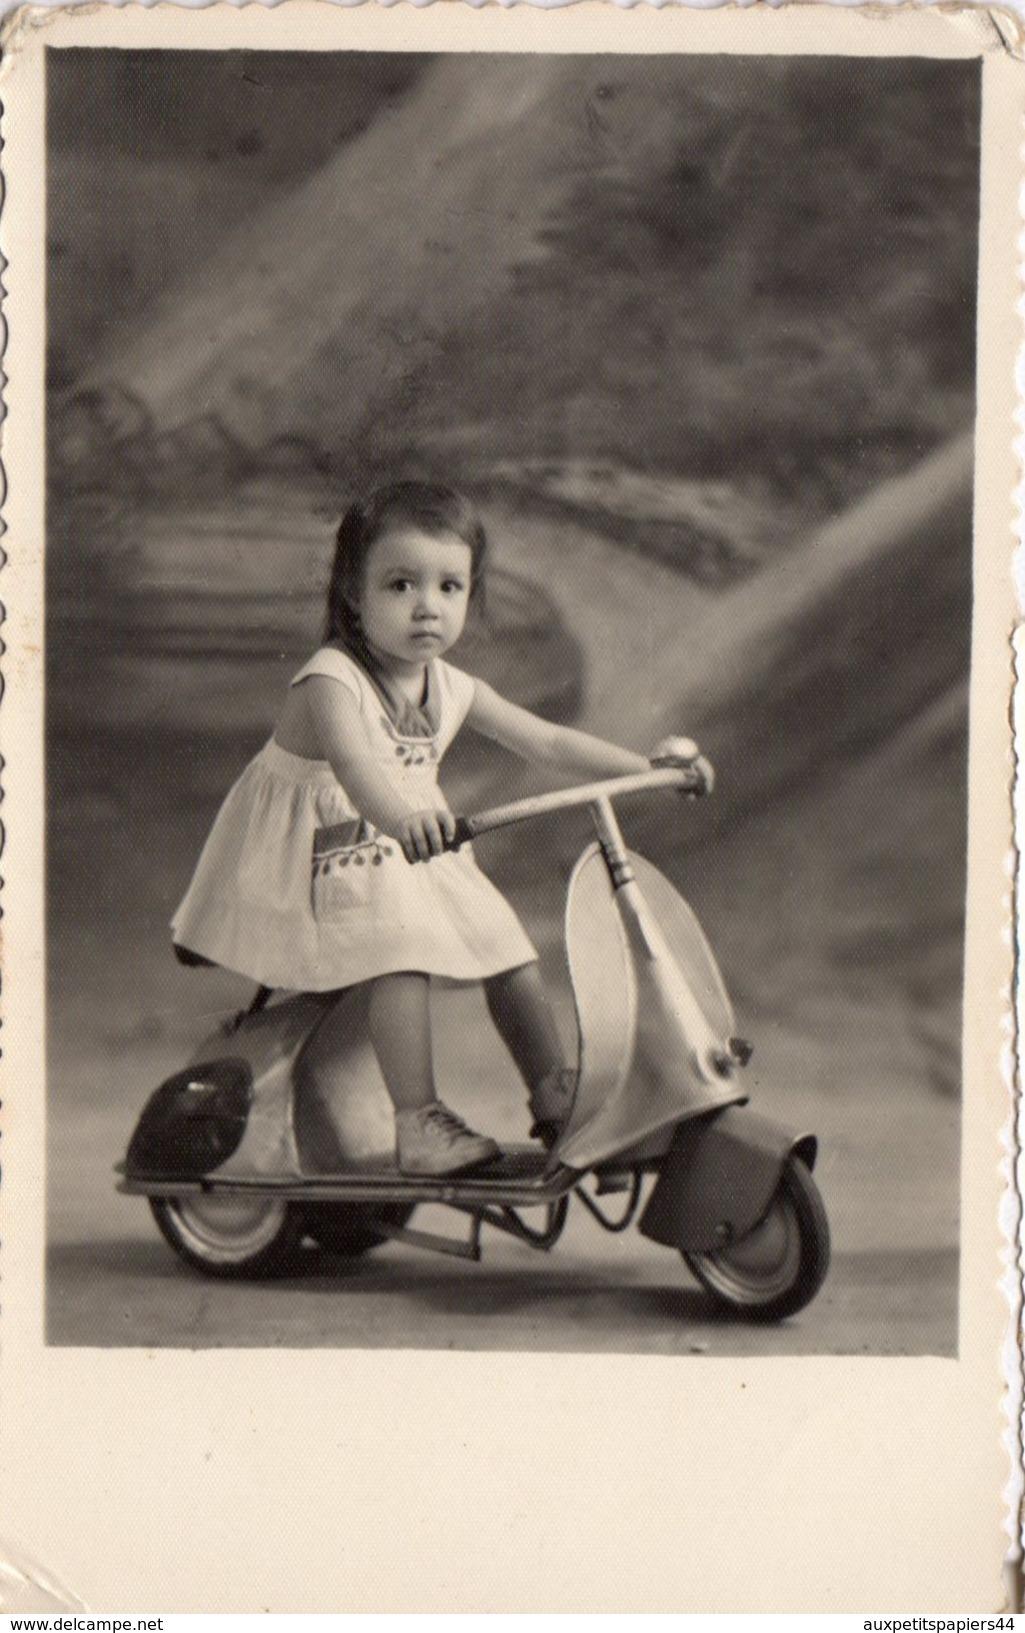 Photo Originale Jeu & Jouet - Splendide Scooter Vespa Pour Enfant, Piloté Par Une Jolie Petite Fille En Studio - Objetos